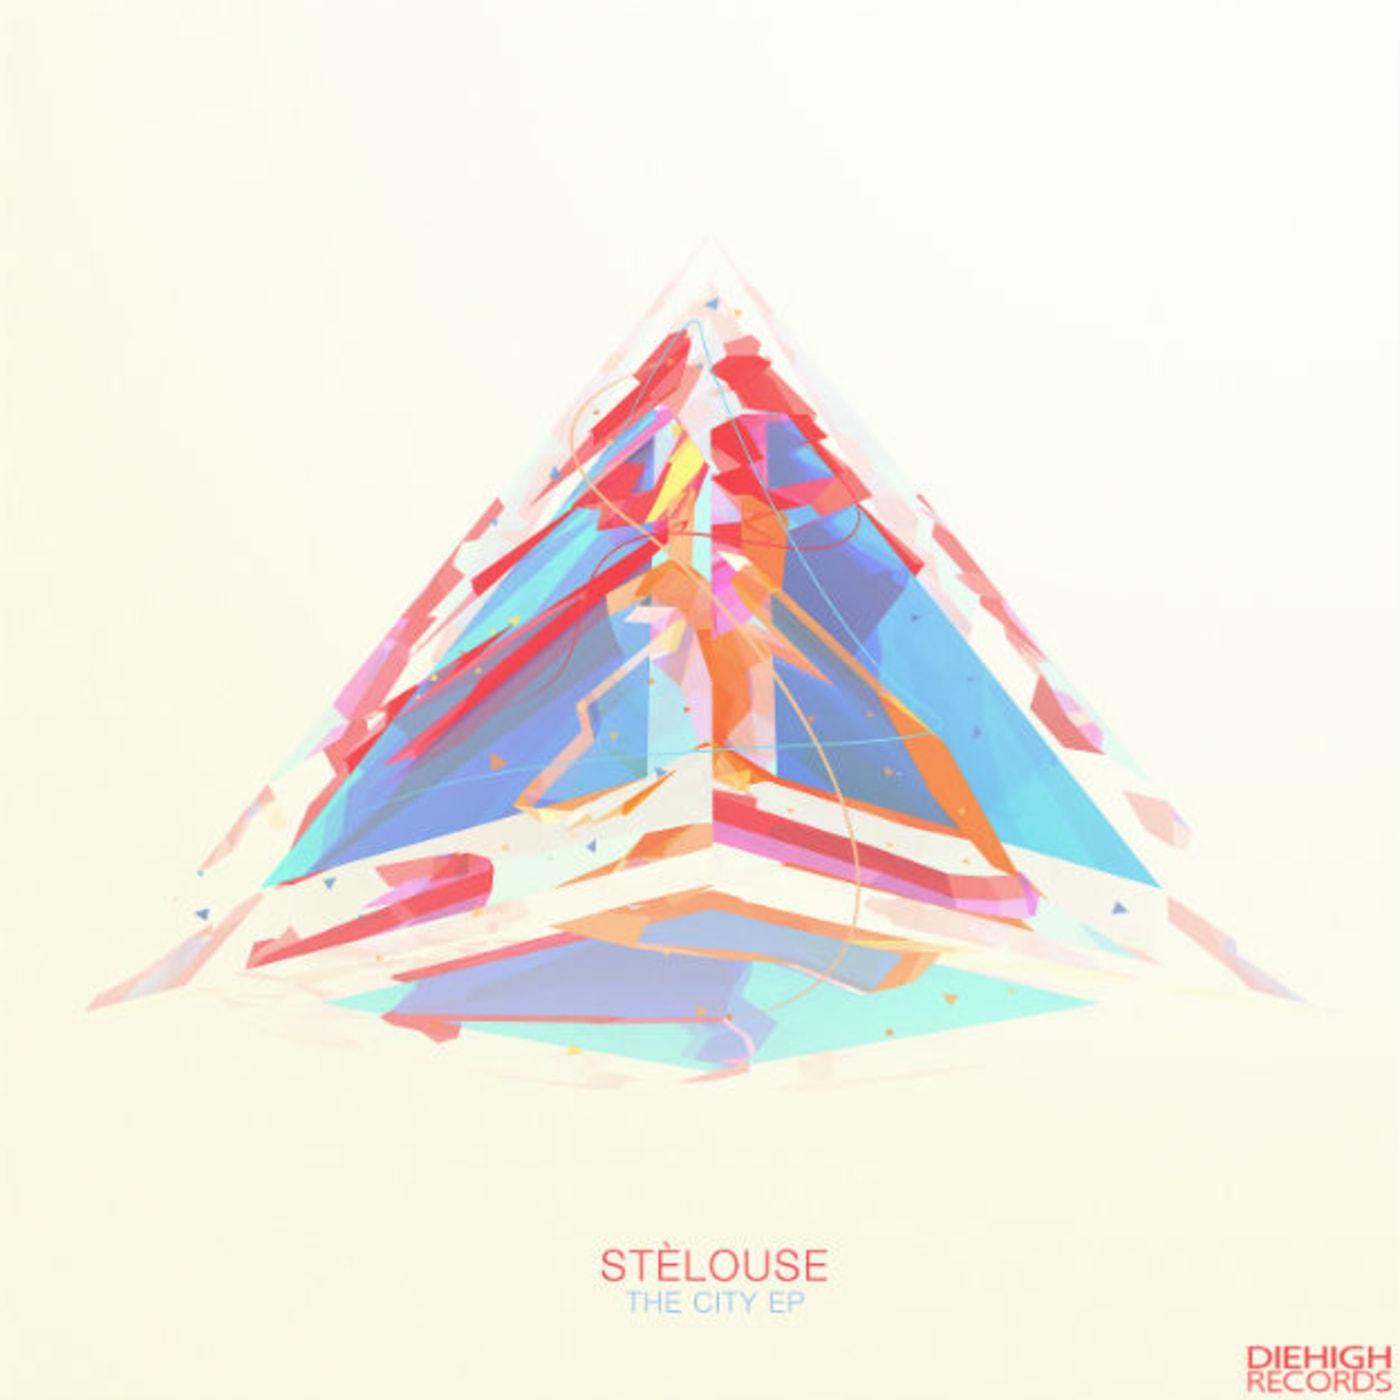 SteLouse